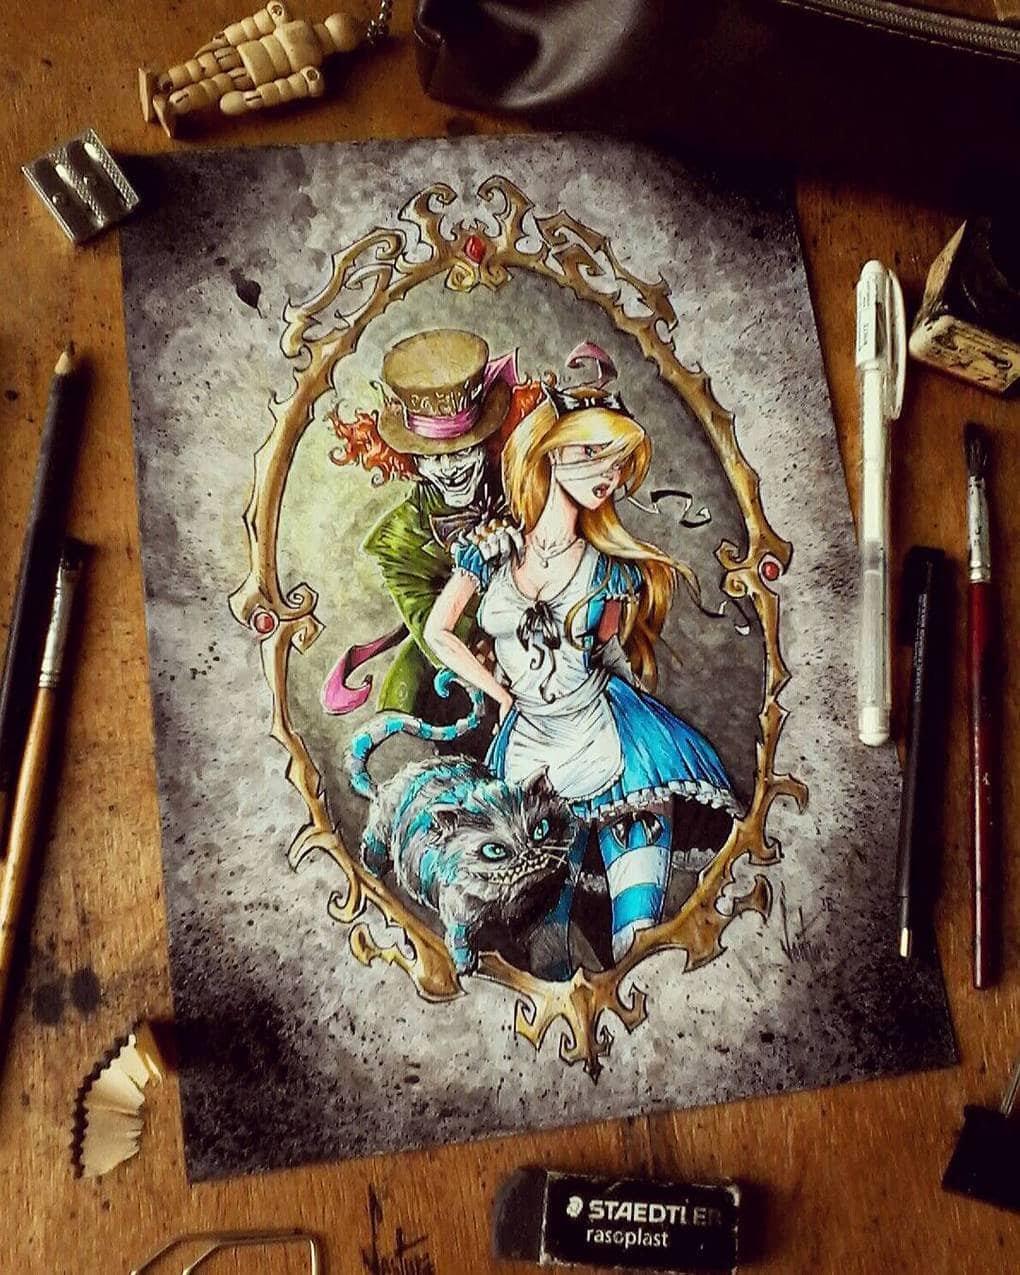 Художник изображает мультяшных персонажей в необычных образах